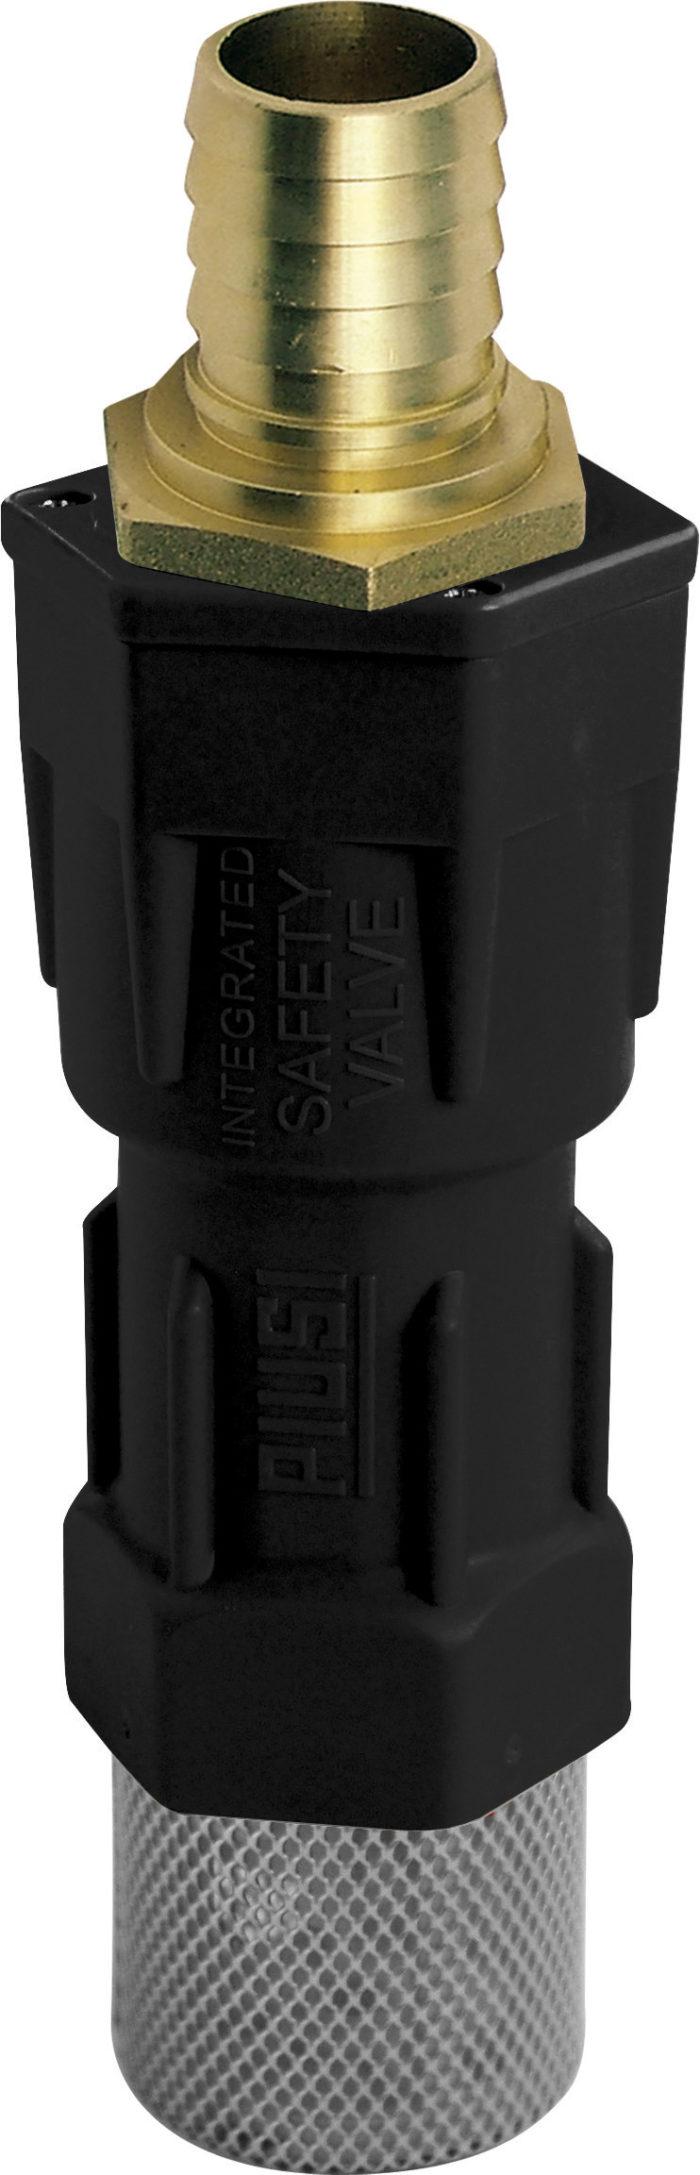 Обратный клапан из пластмасы диам 20 - цена, заказать Фильтры Piusi